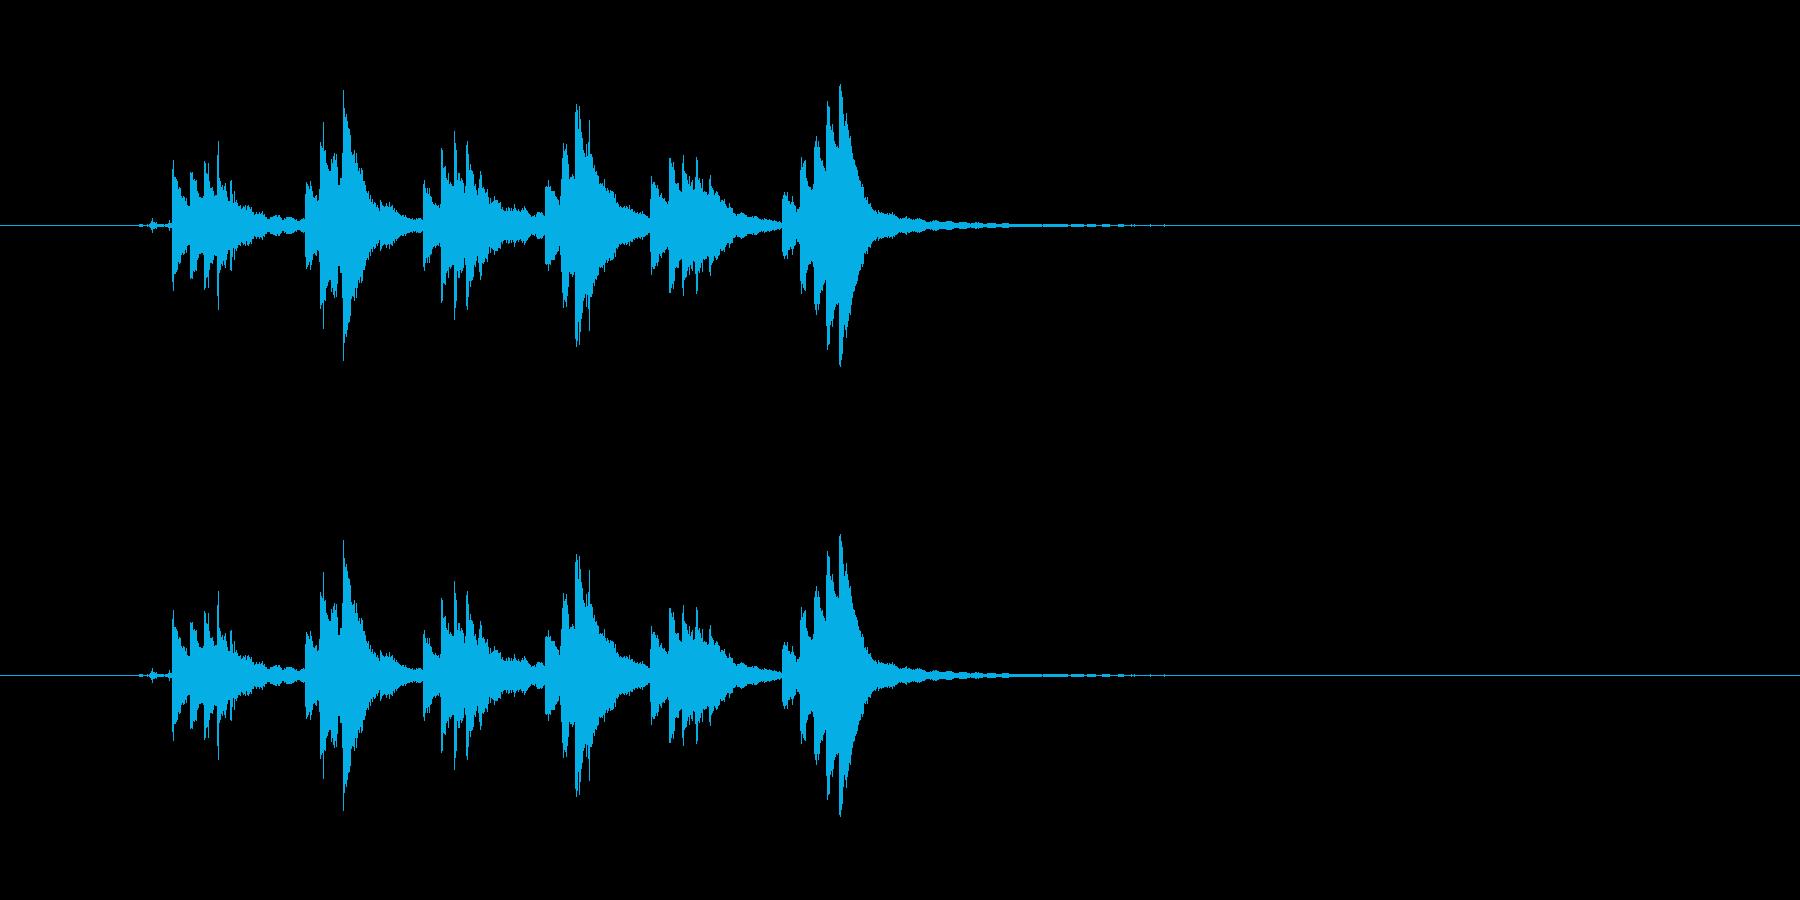 チリンチリンチリーン 自転車のベルの再生済みの波形